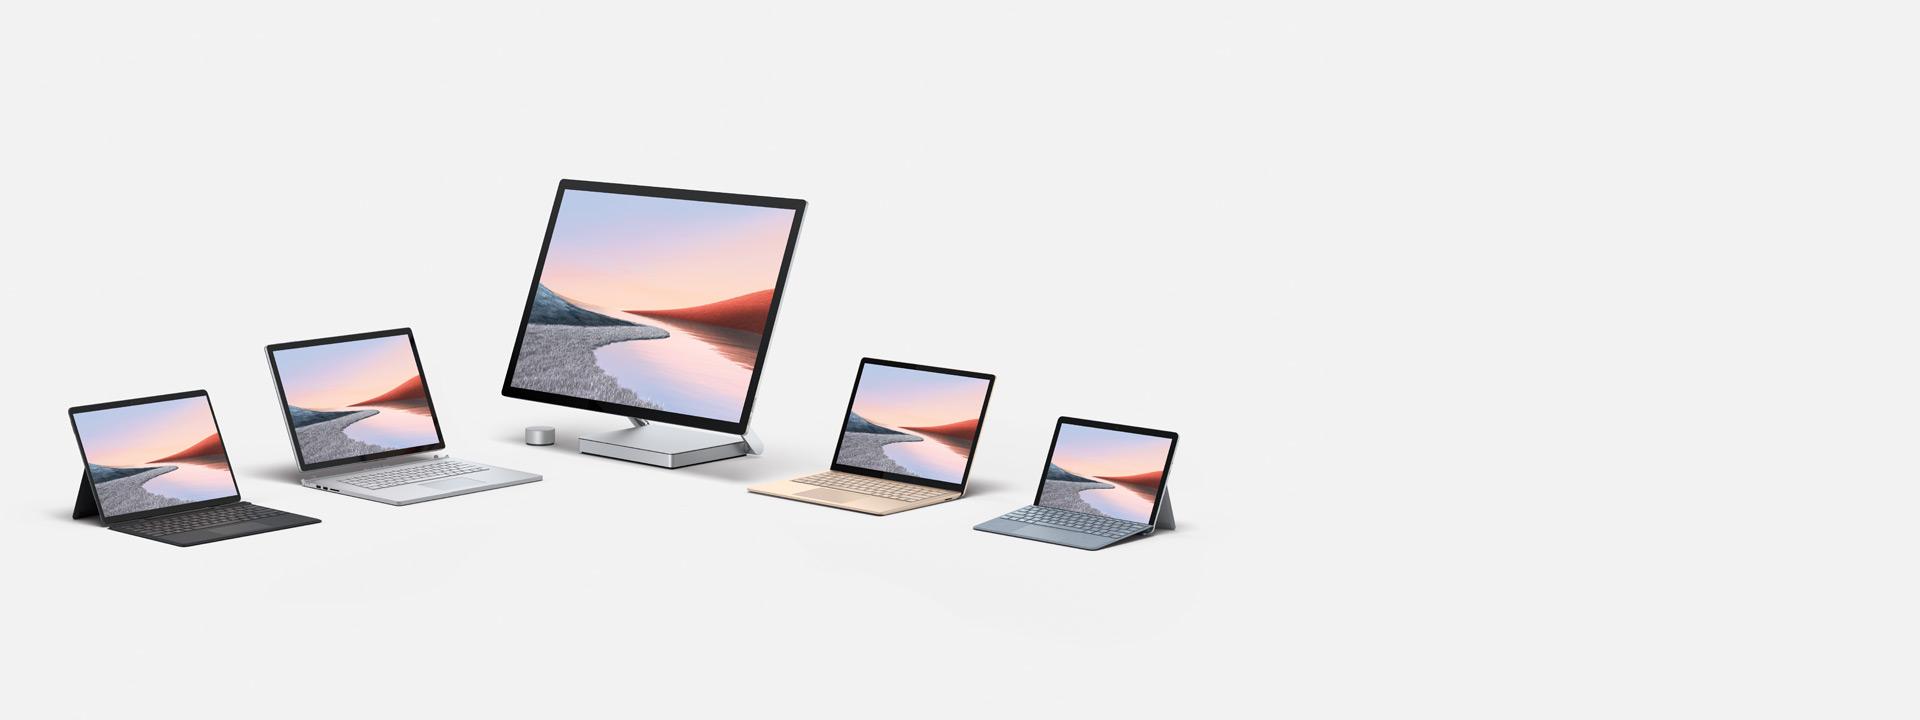 新しい Surface デバイスシリーズ